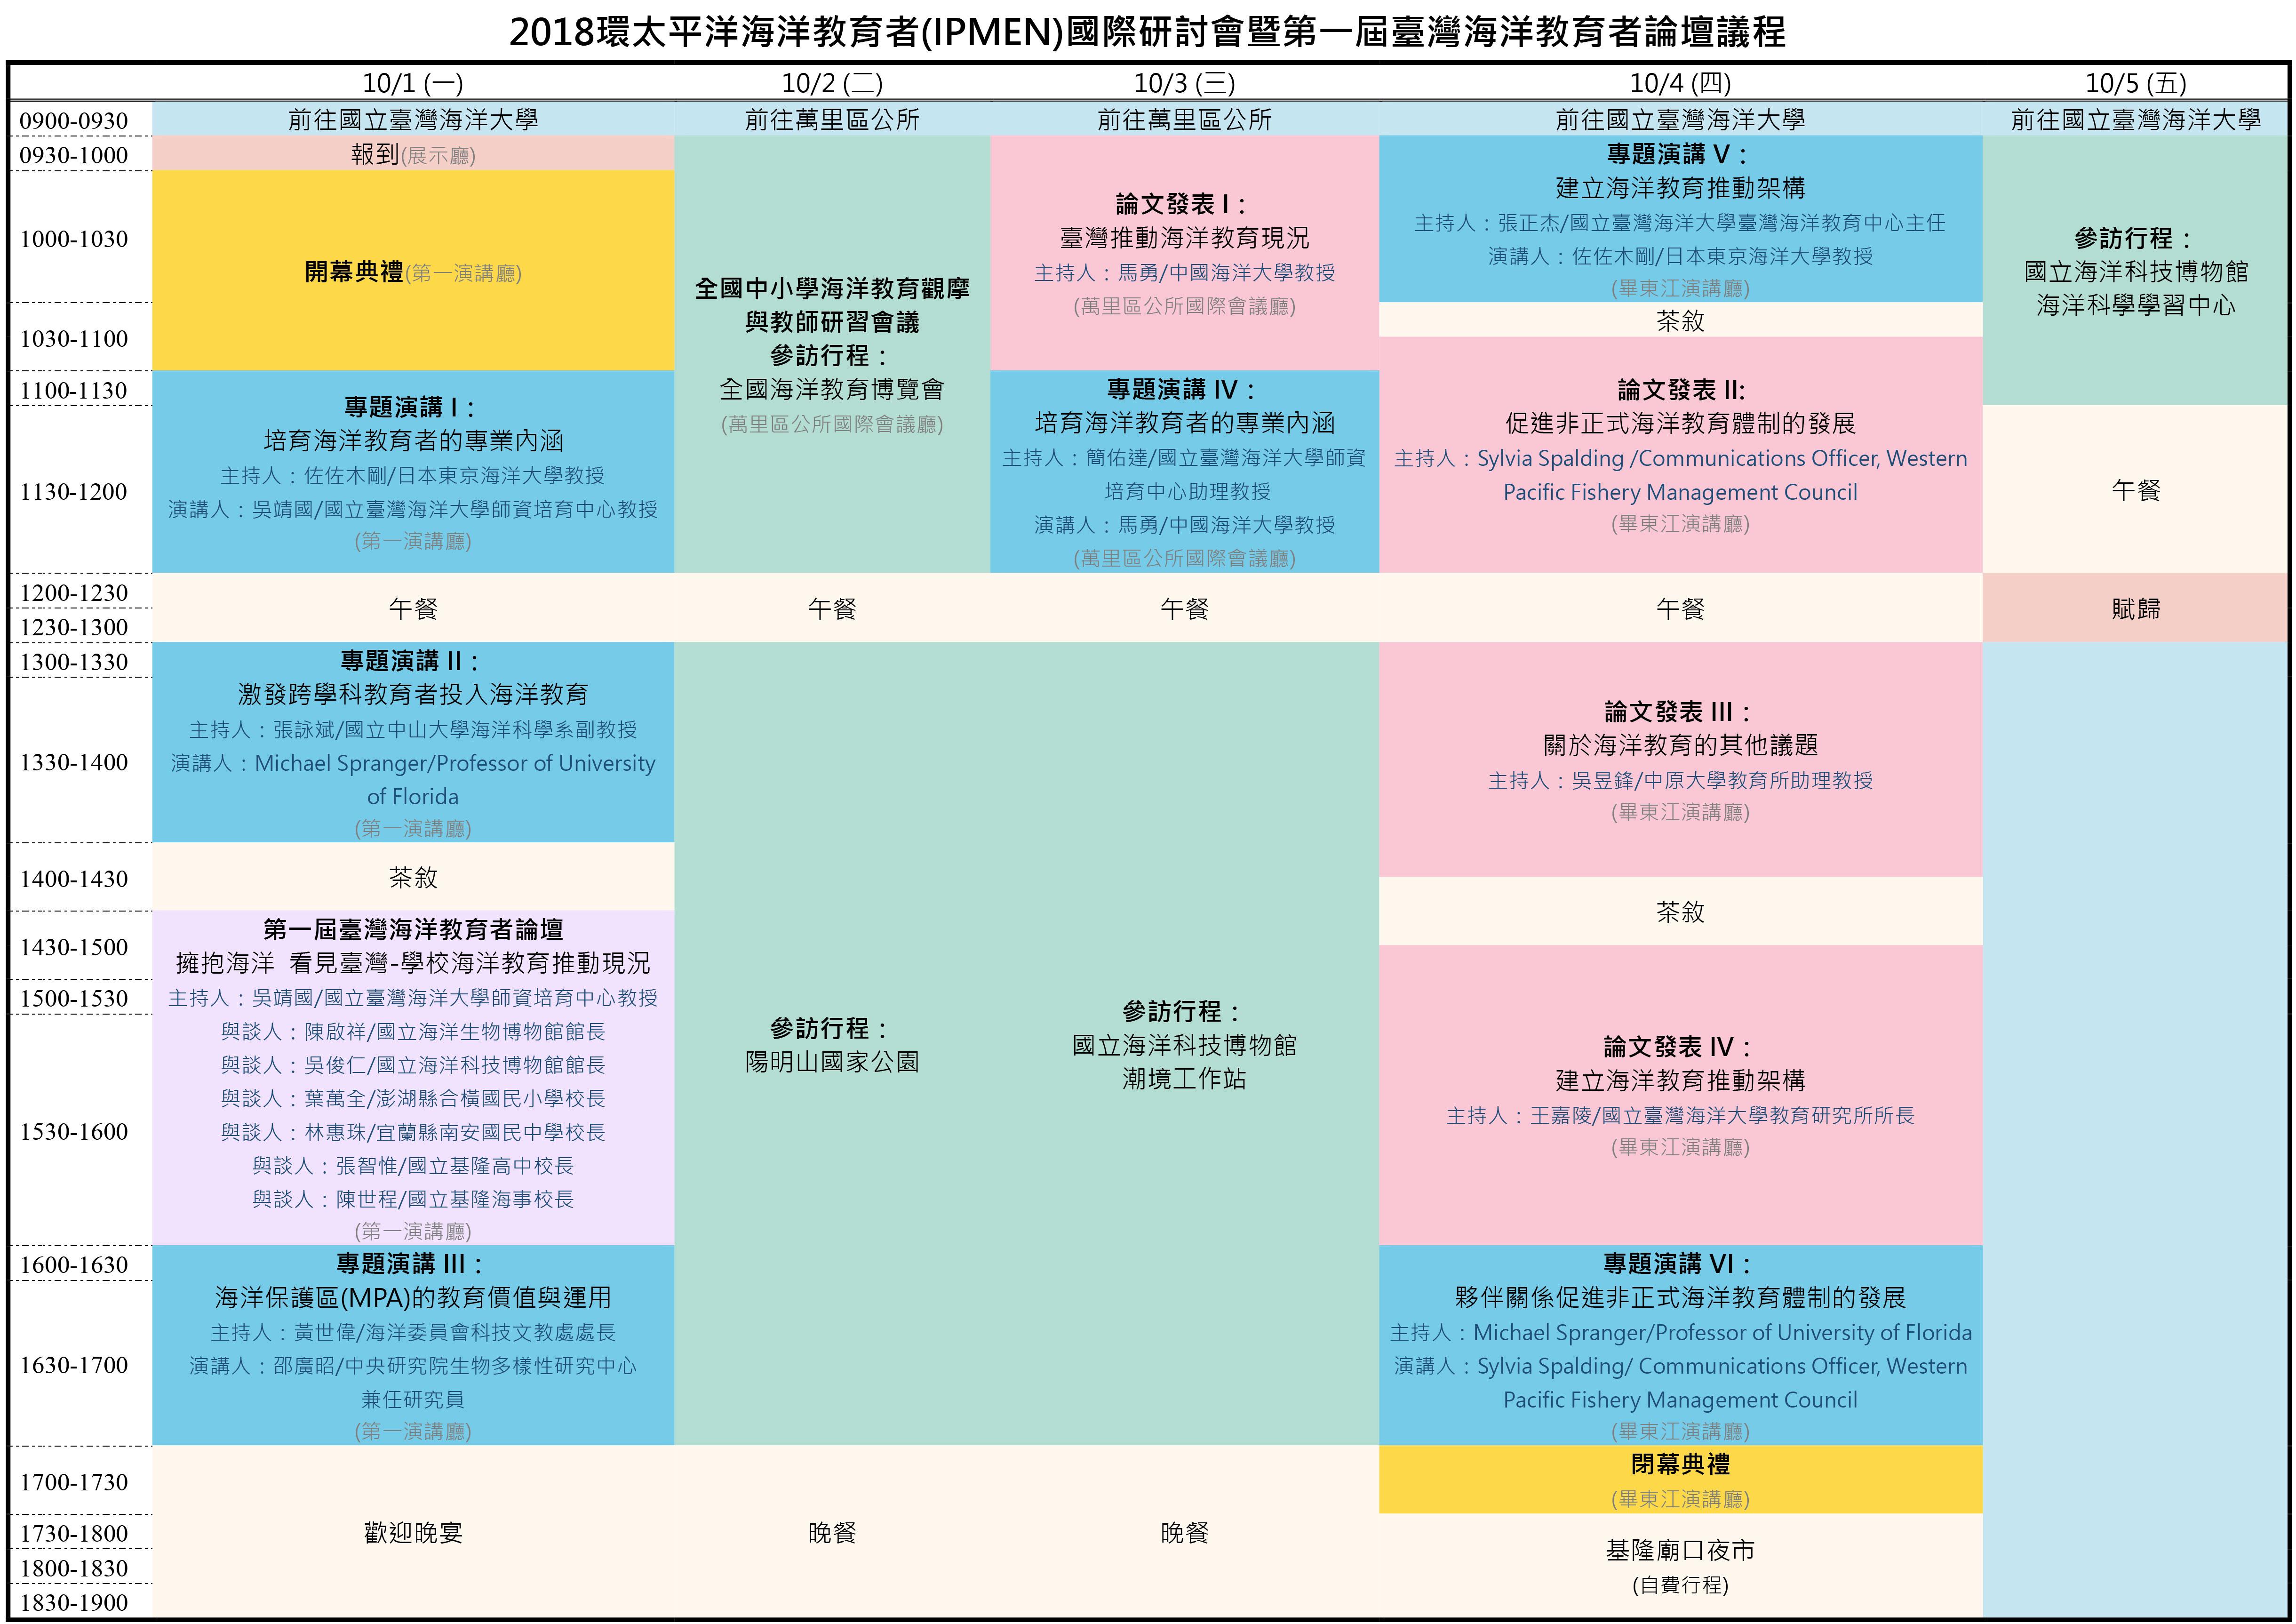 附件-2018環太平洋海洋教育者(IPMEN)國際研討會暨第一屆臺灣海洋教育者論壇議程